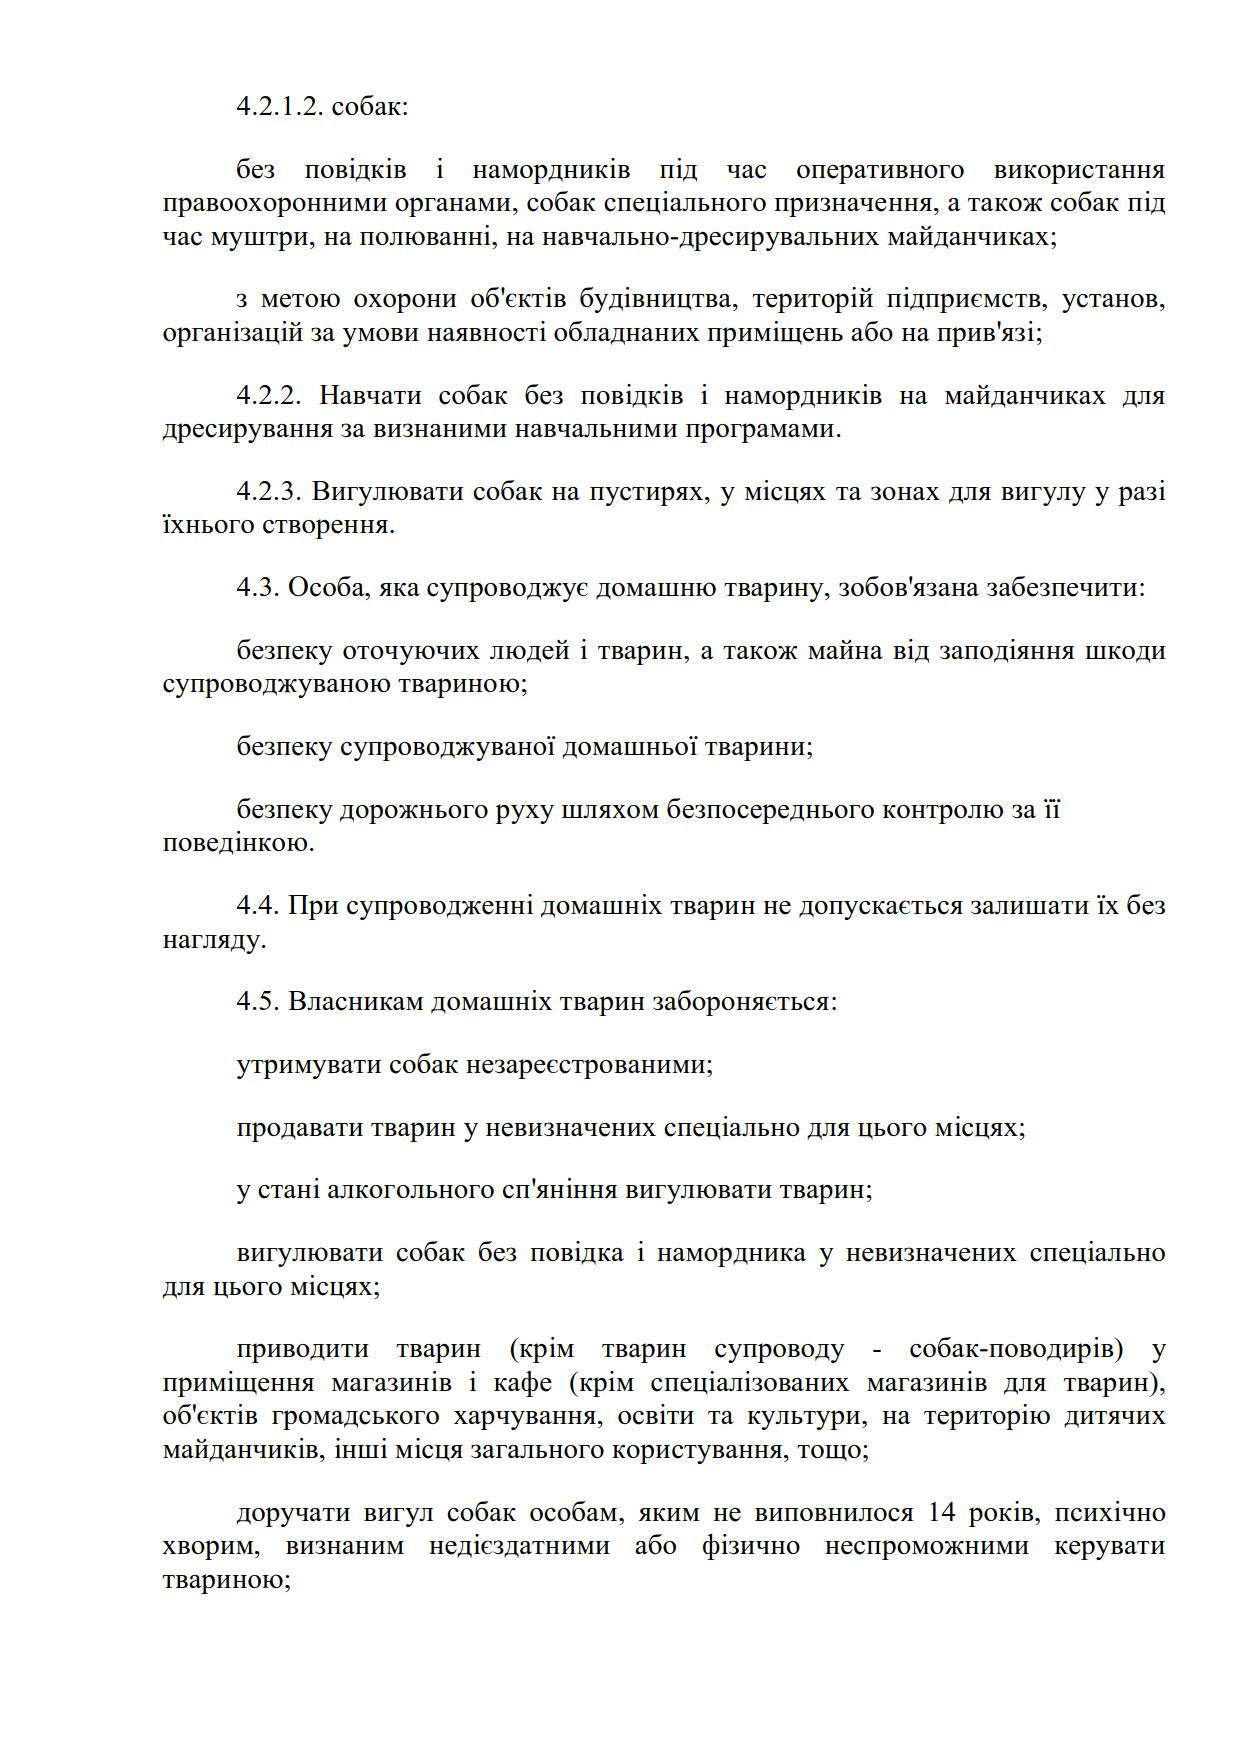 Правила утримання домашніх тварин коломак нов_09